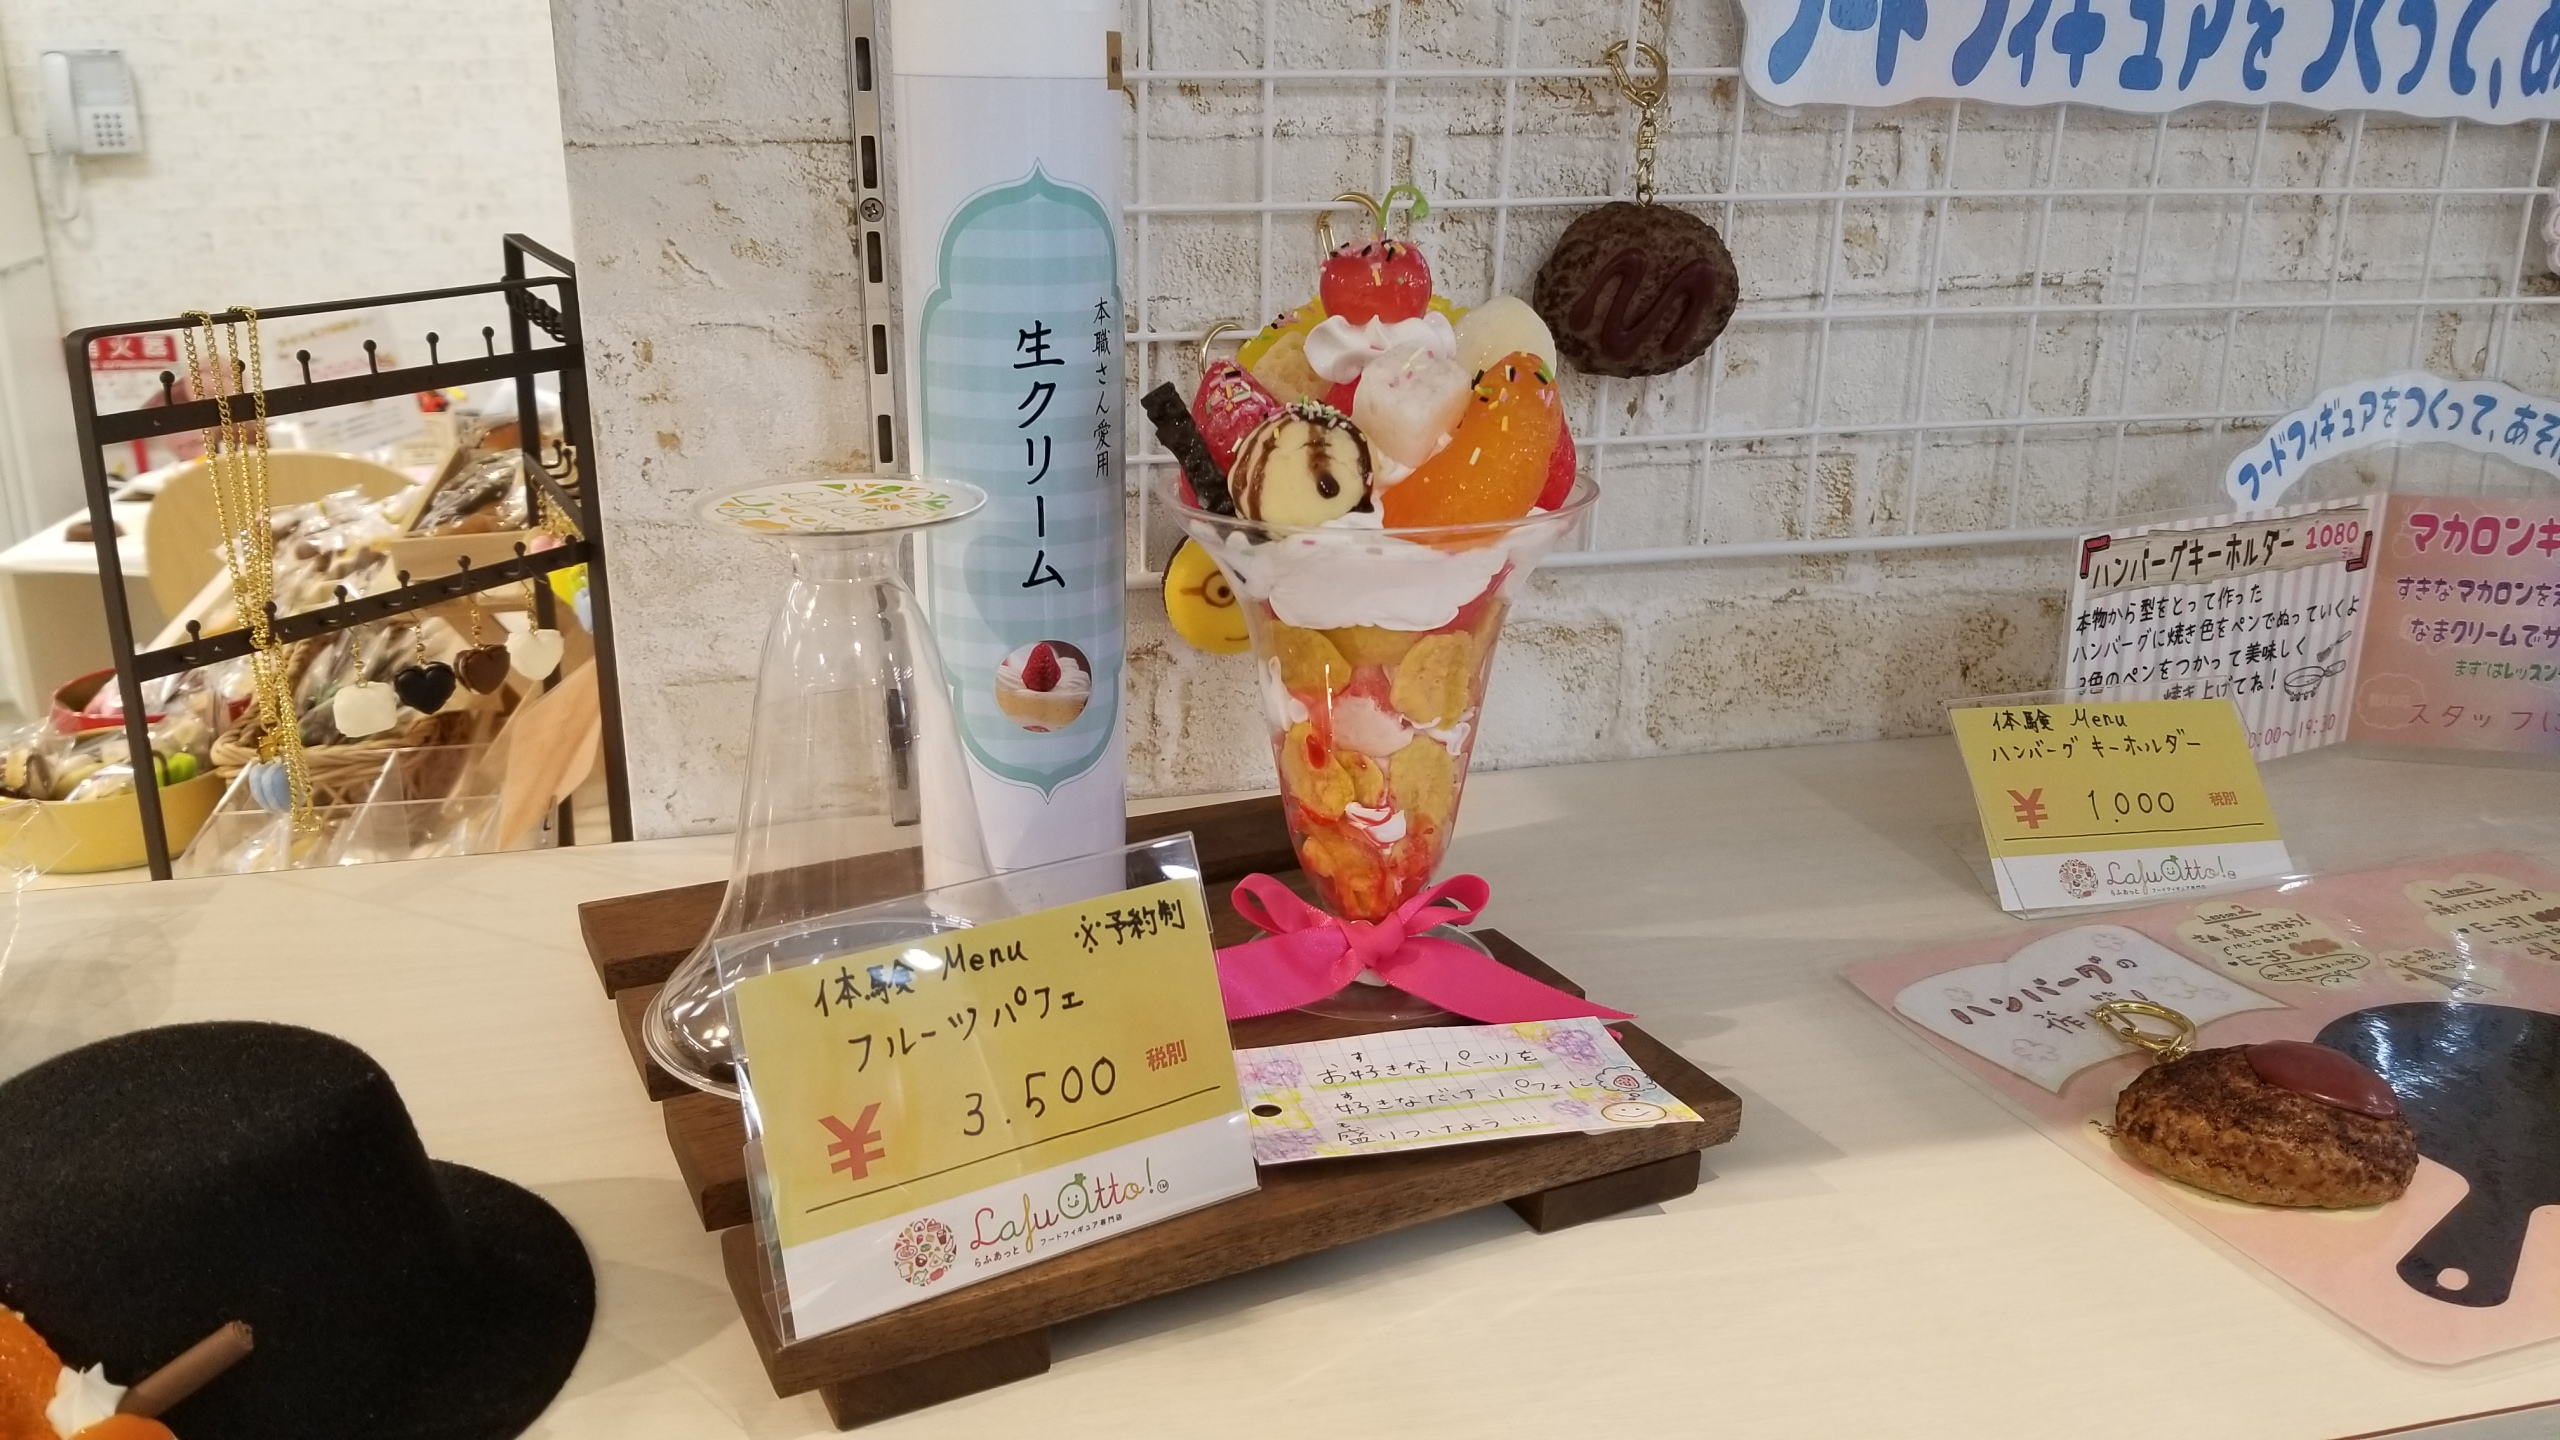 フェイクフード,食品サンプル,パフェ,お店,shop,愛媛県松山市